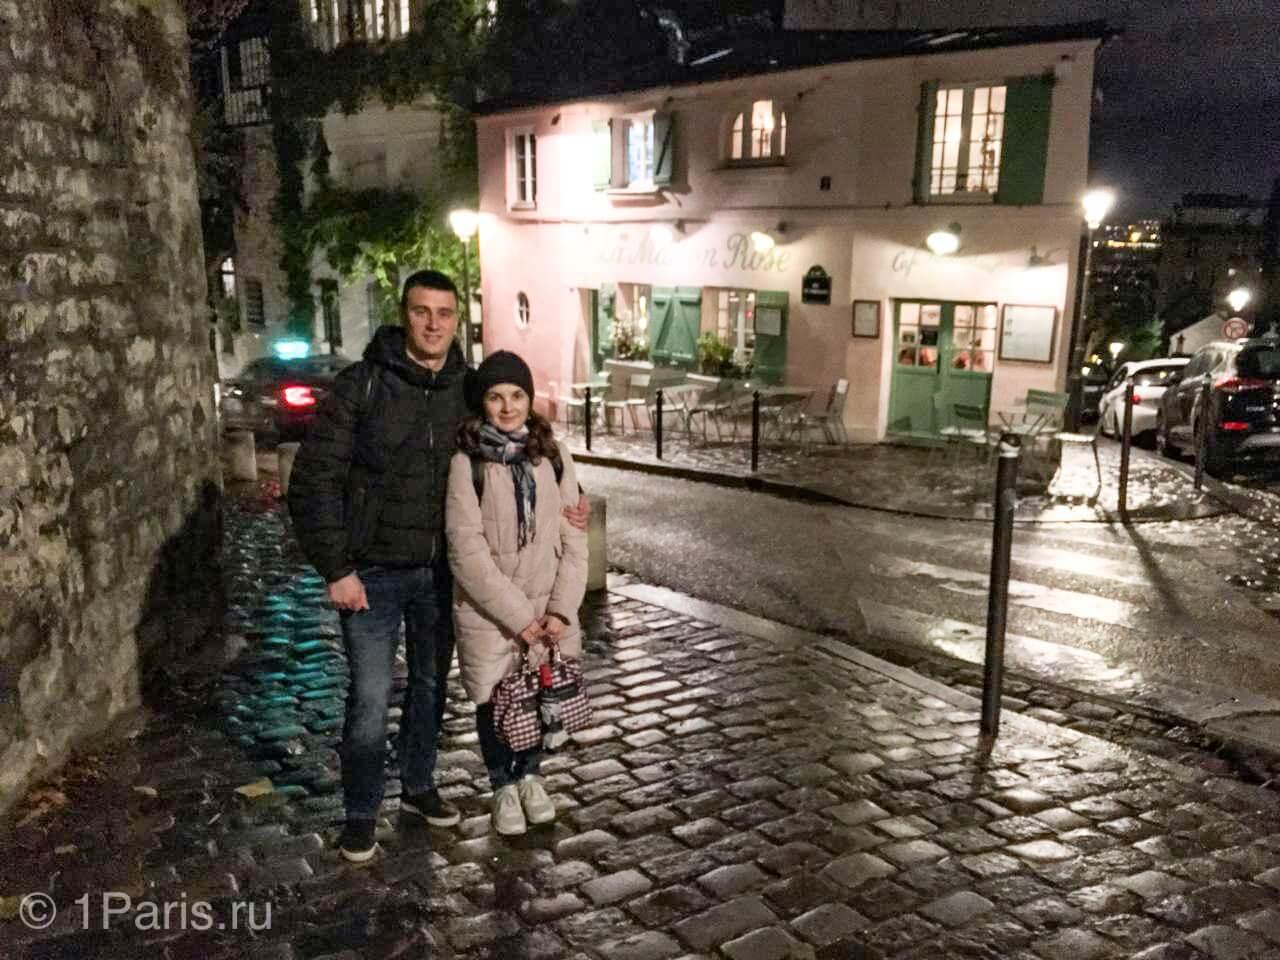 Вечерняя обзорная экскурсия по Монмартру